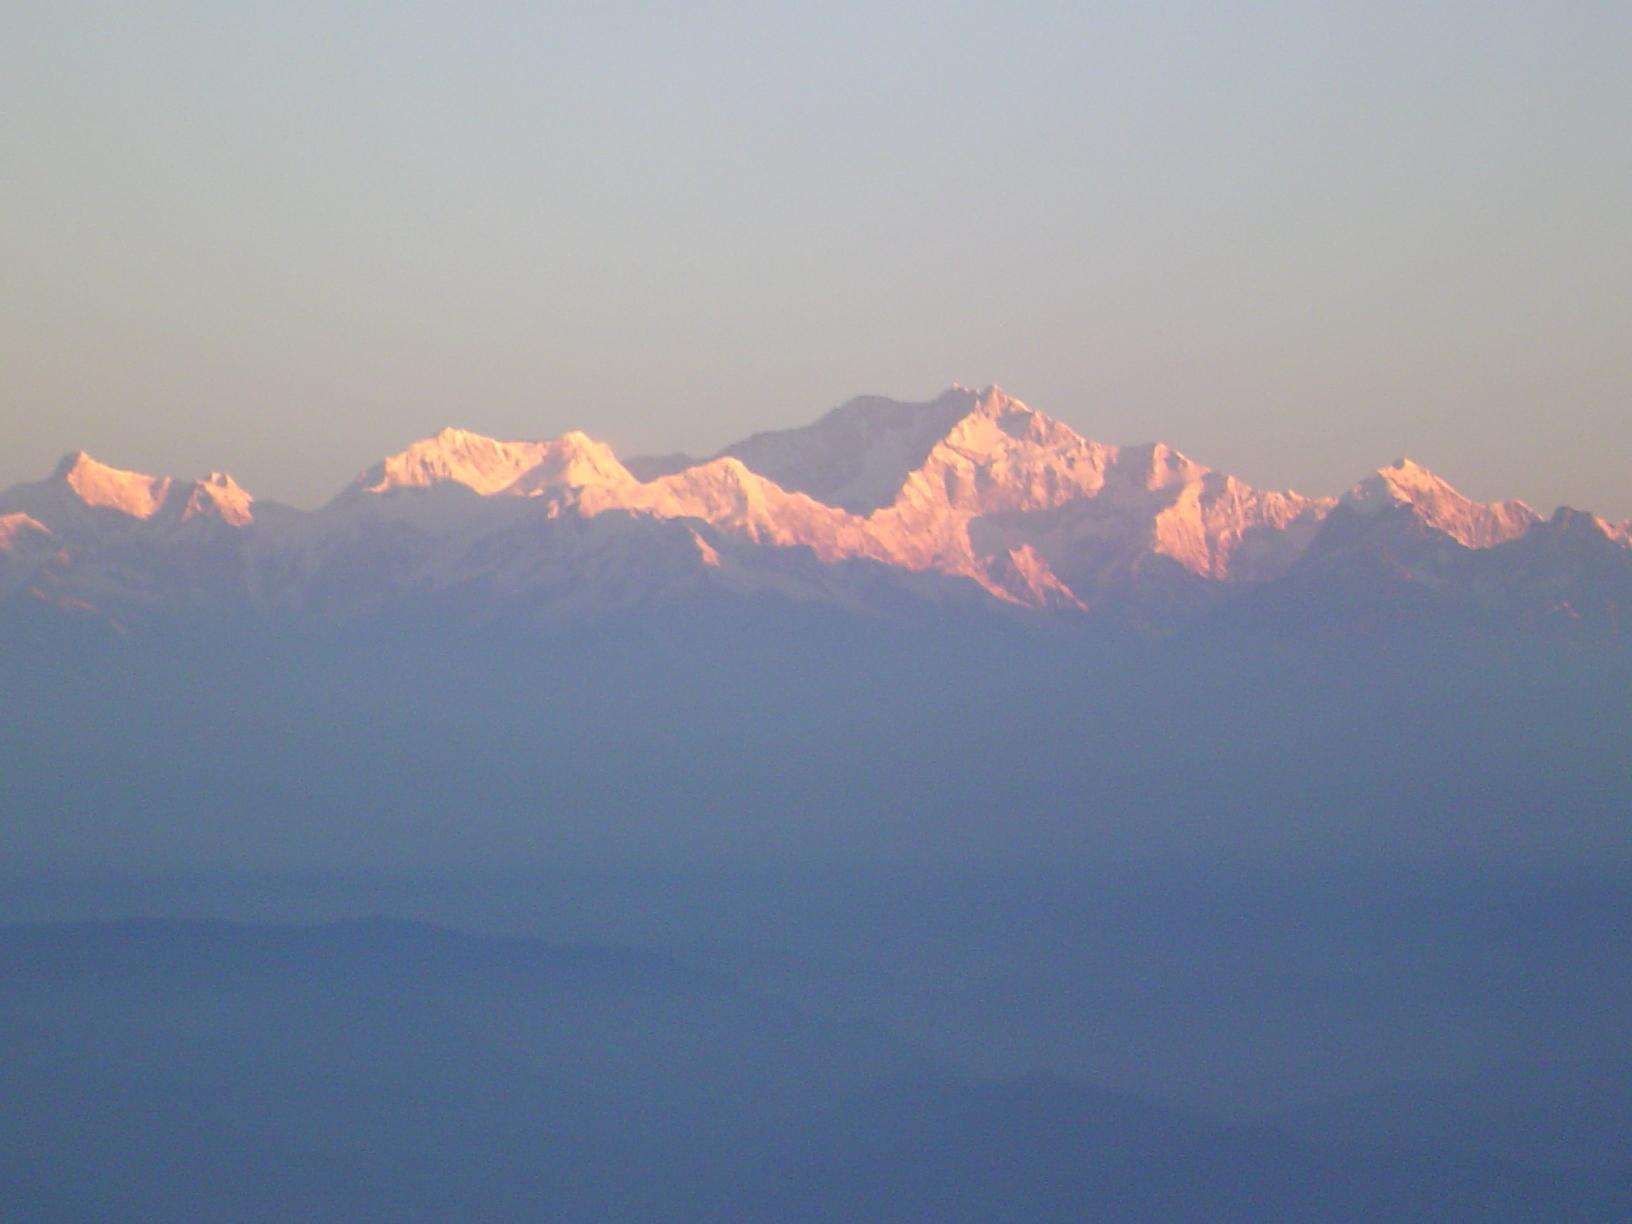 Vista de Kunchenjunga desde la Colina del Tigre Darjeeling India